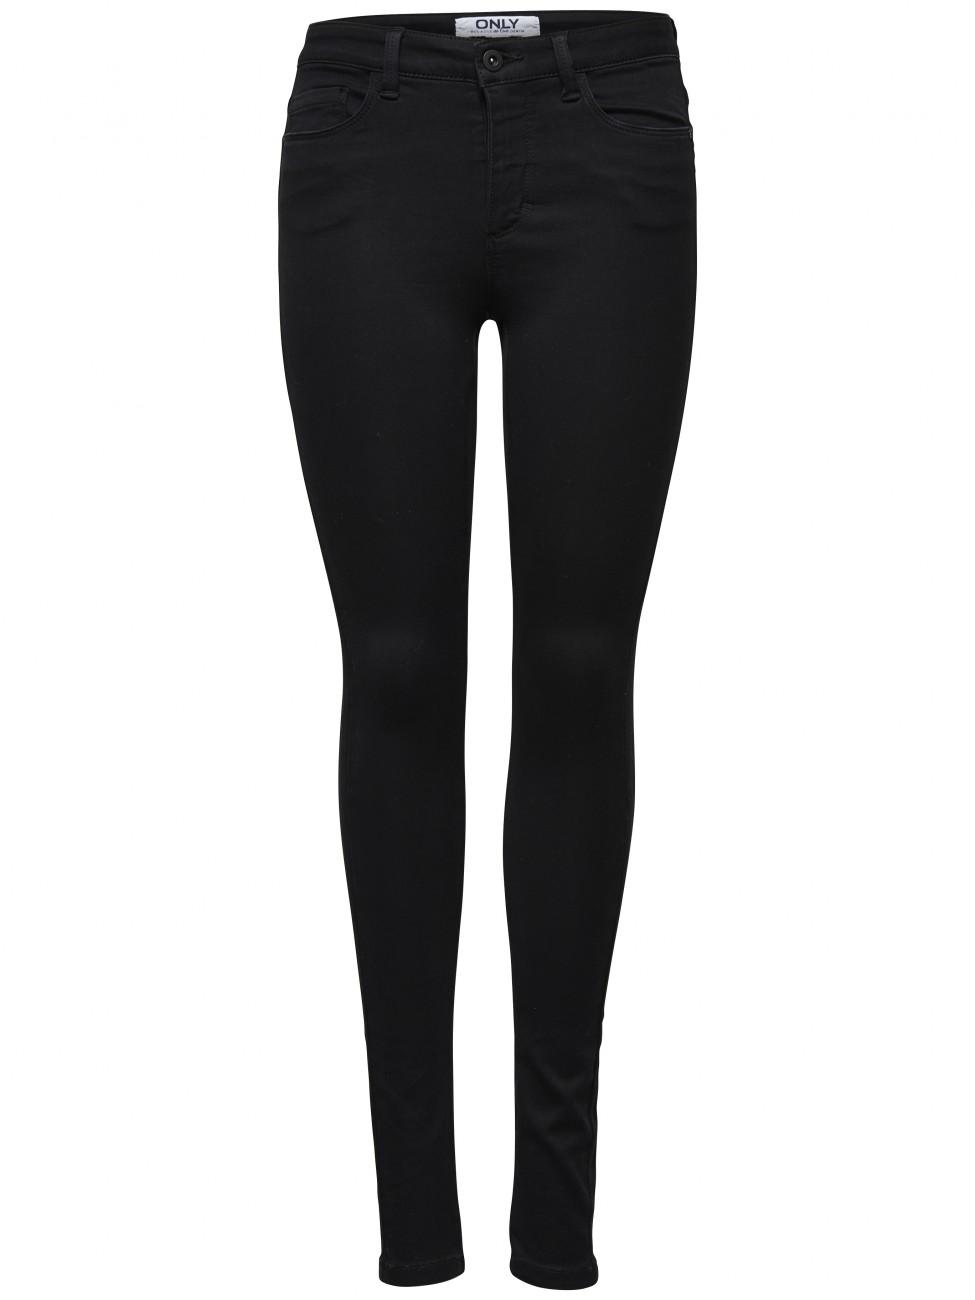 98a4552e7b21 Only Damen Jeans Royal - Skinny Fit - Black